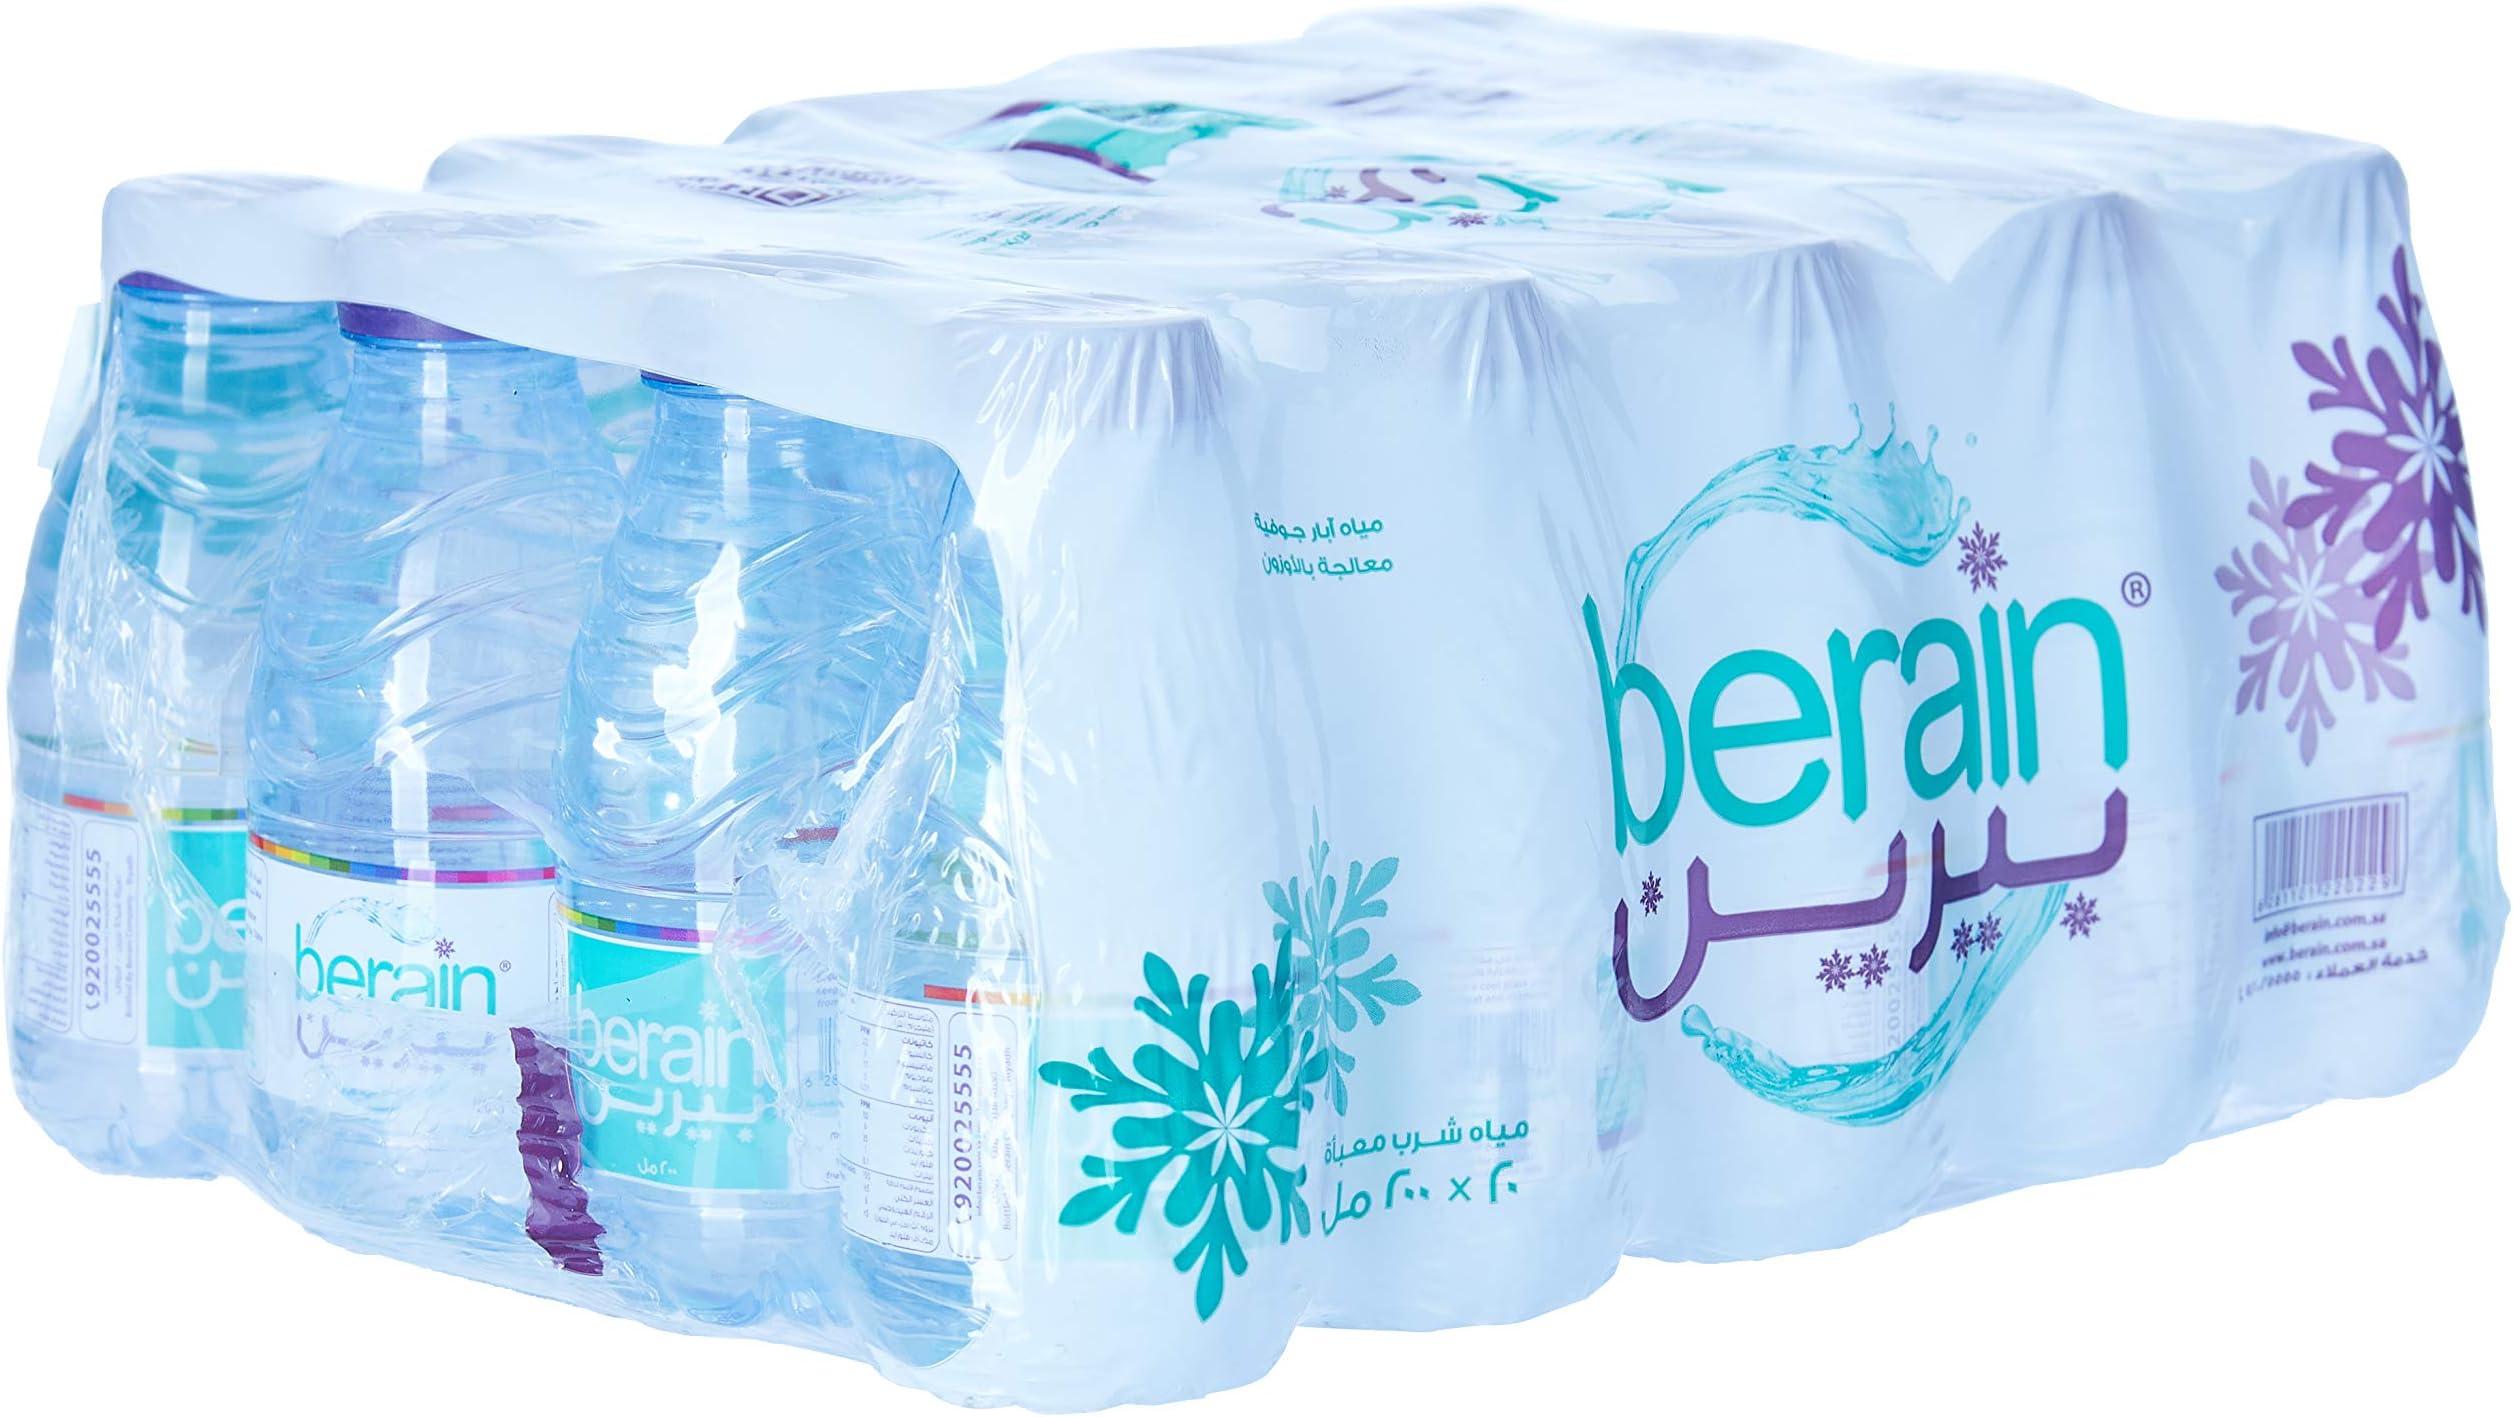 سعر بيرين عبوة مياه مقاس 20 200 ملليلتر فى السعودية بواسطة امازون السعودية كان بكام